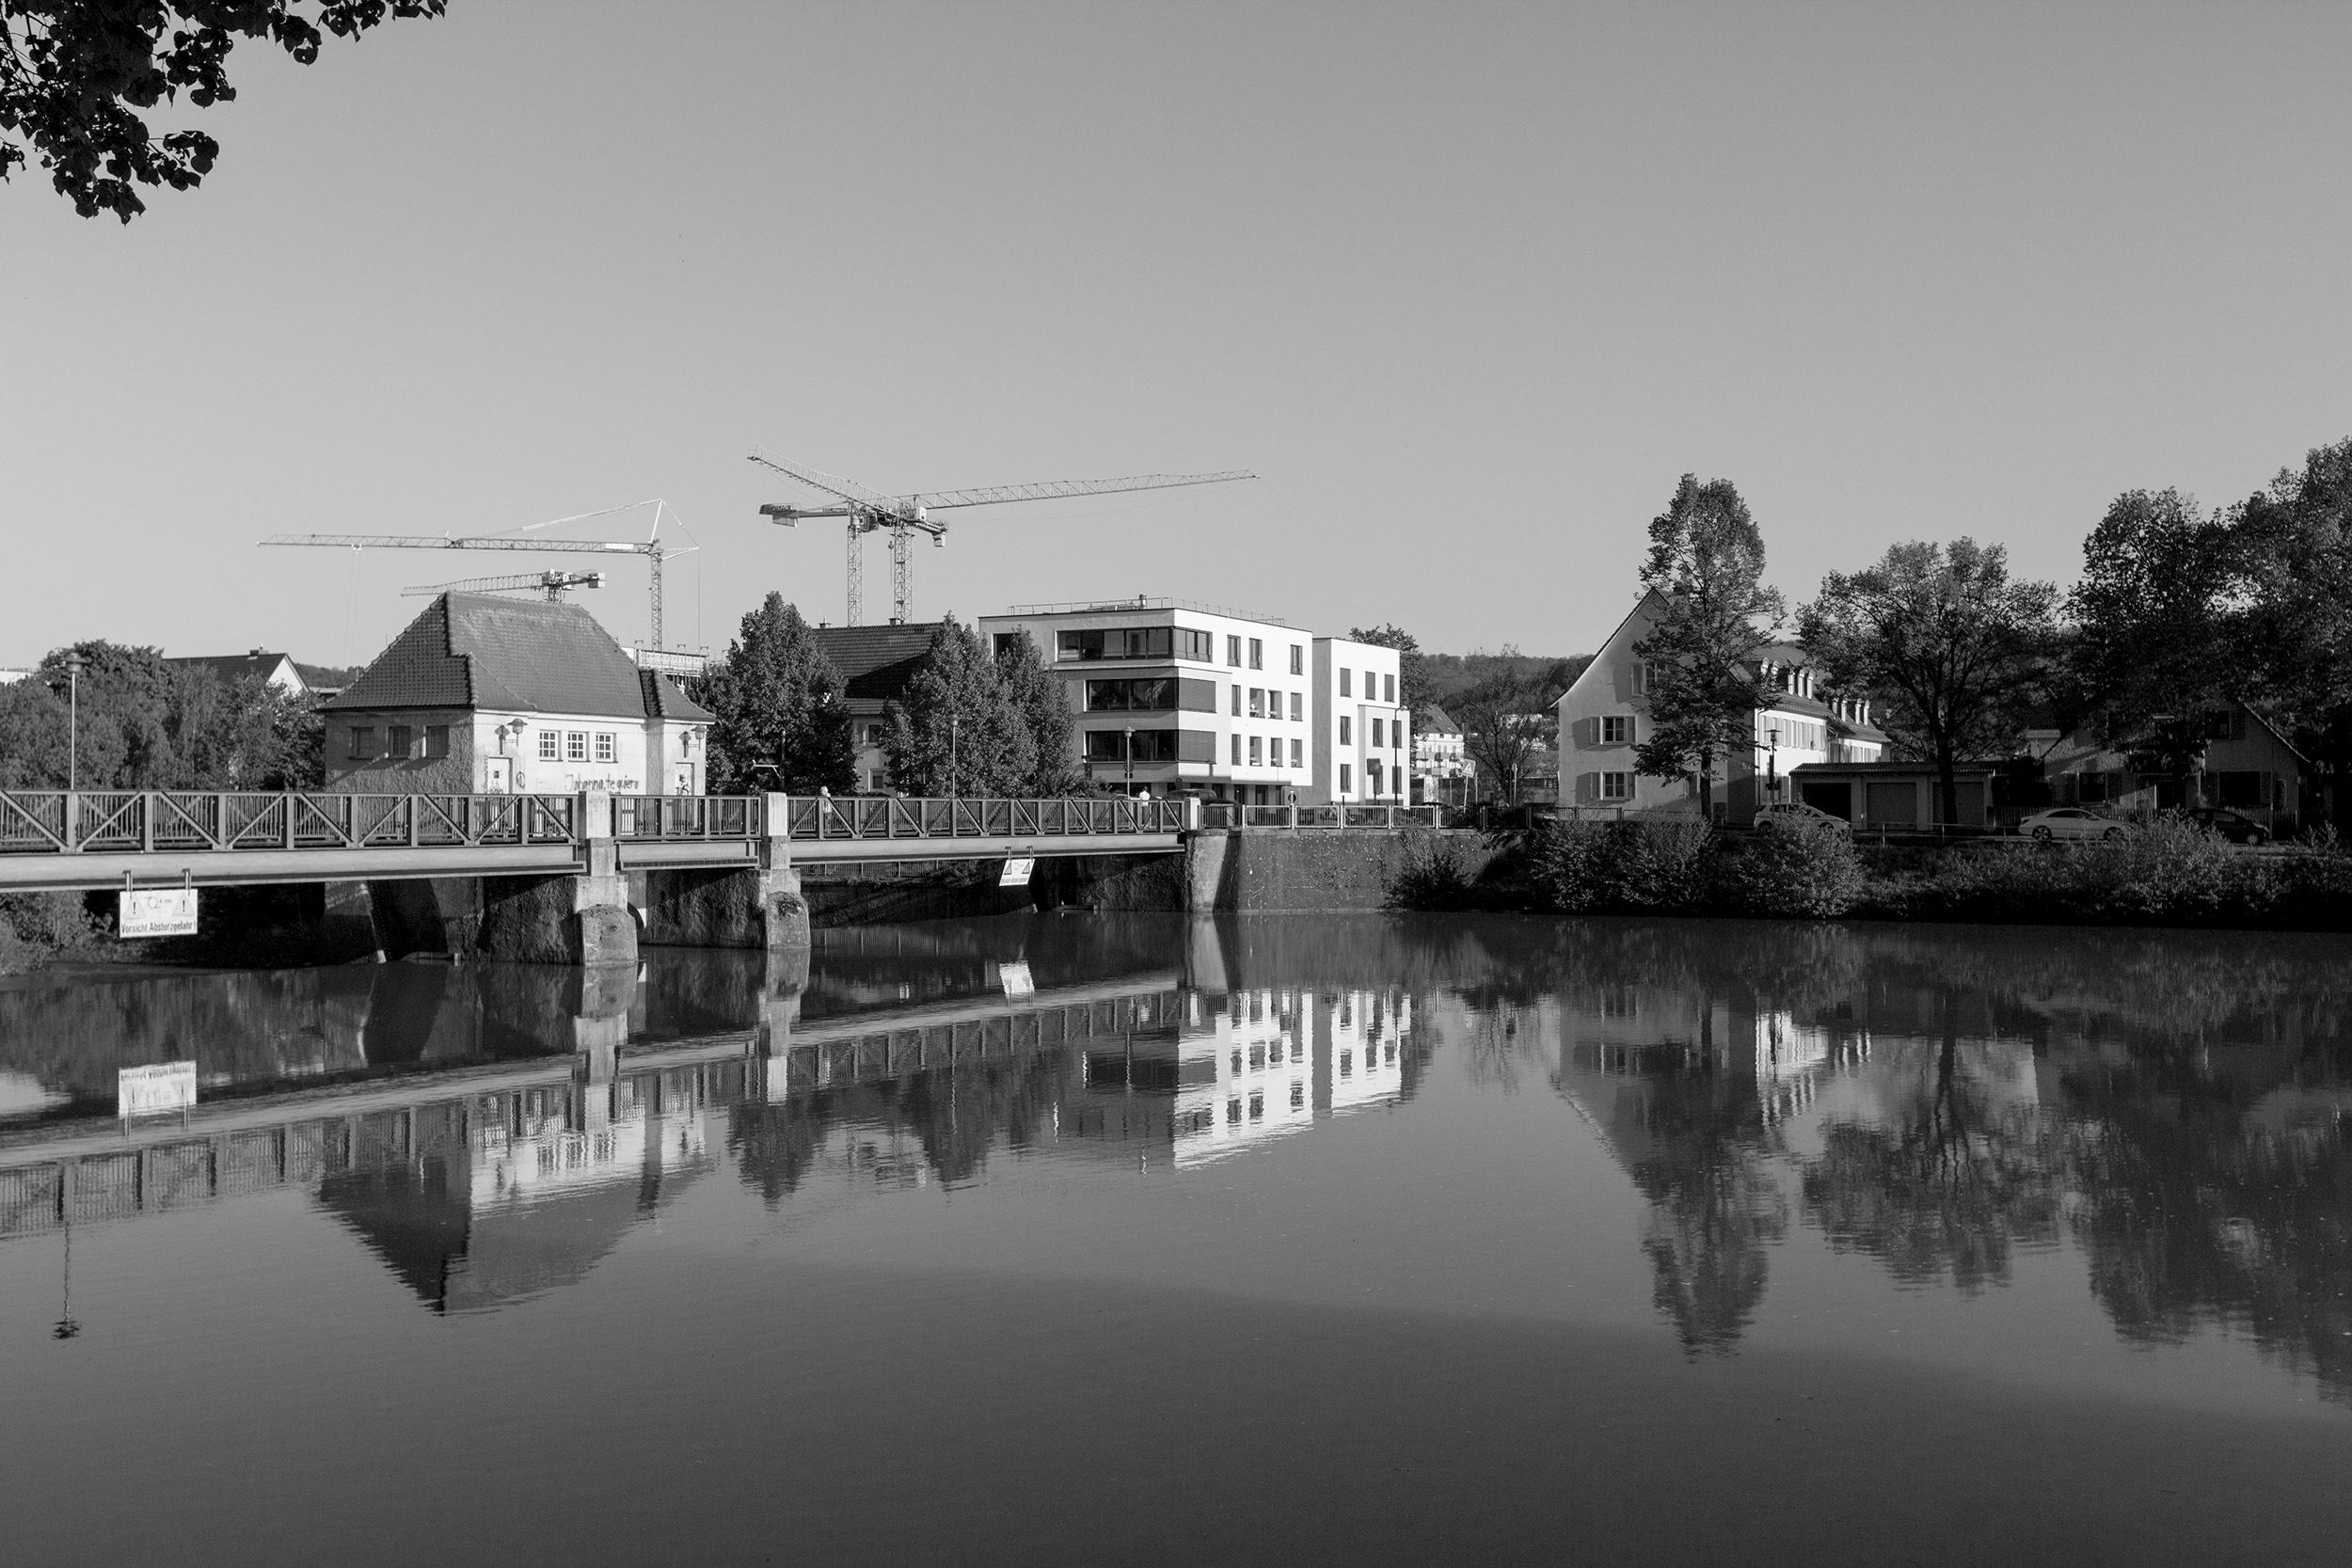 Blick auf das Stauwehr Tübingen im Neckar.